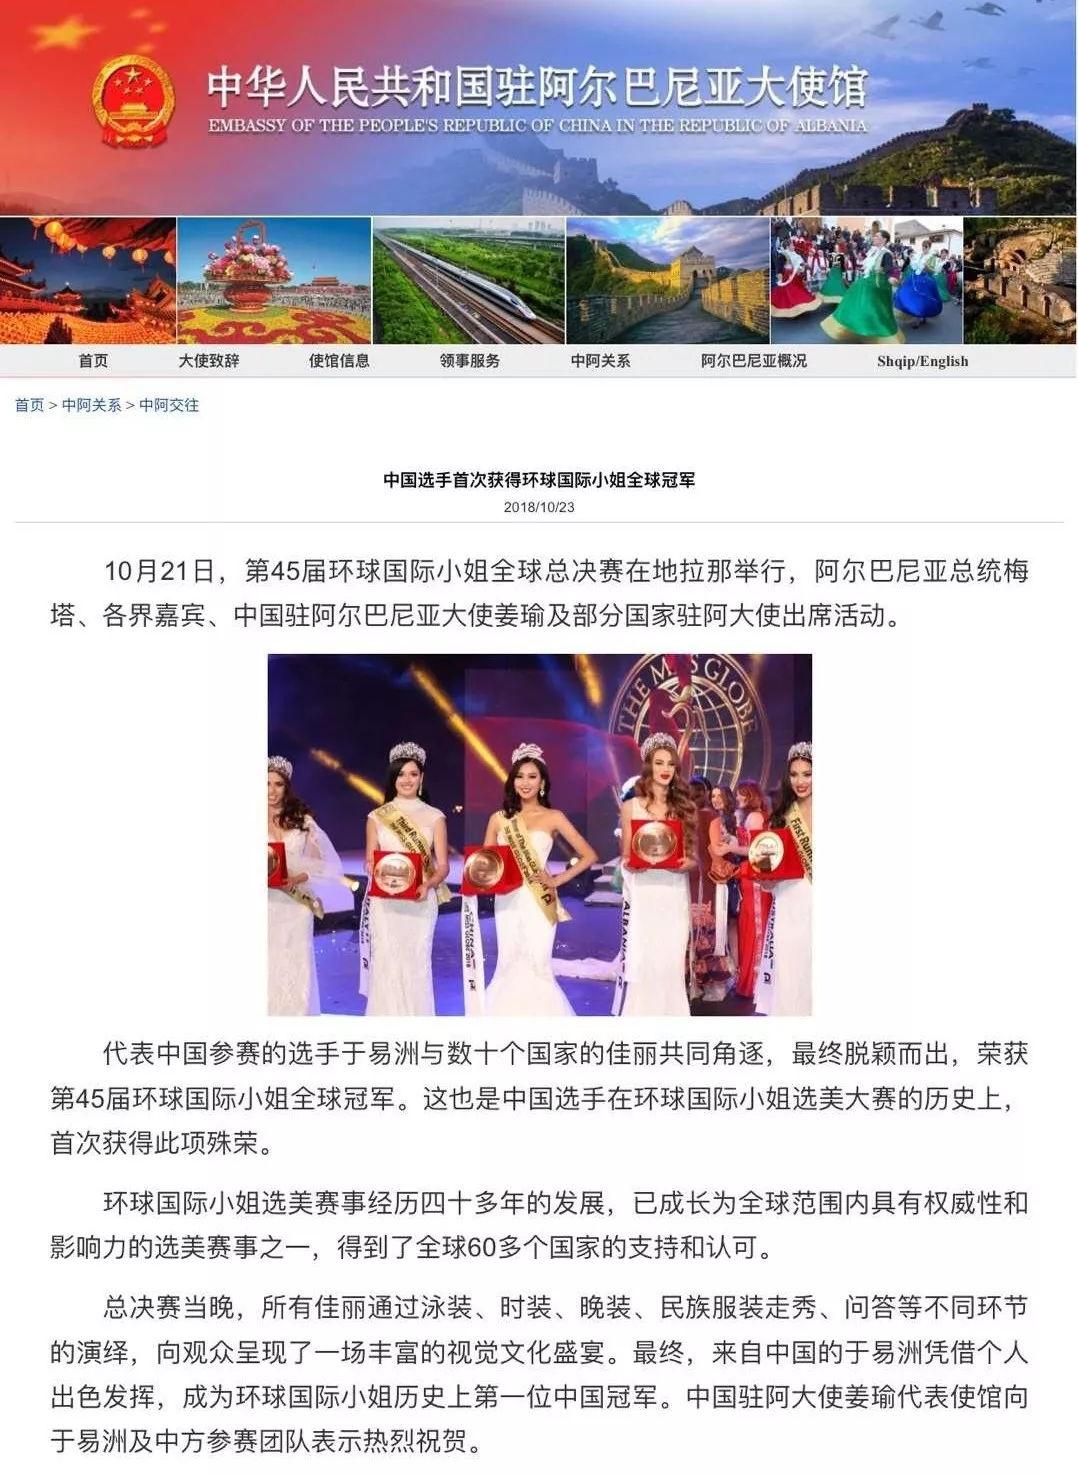 中國選手45年的等待:川傳校友于易洲獲環球國際小姐全球冠軍!